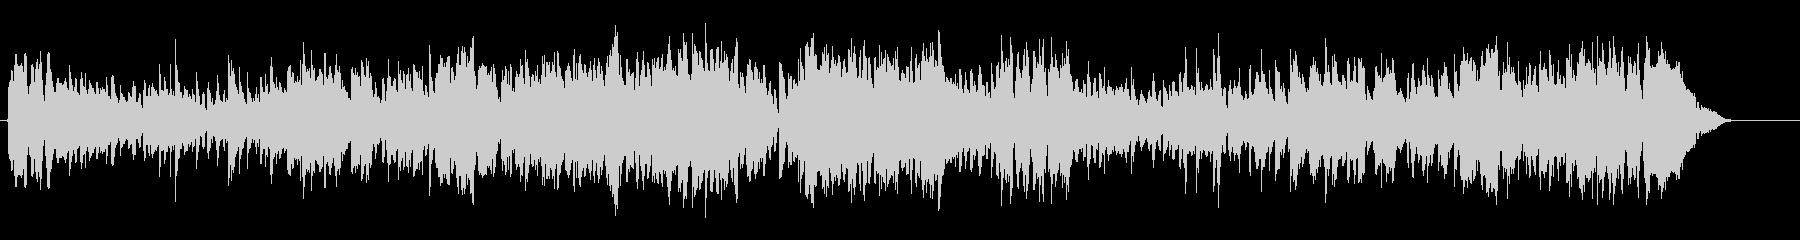 アダルトなジャズ・サウンドの未再生の波形